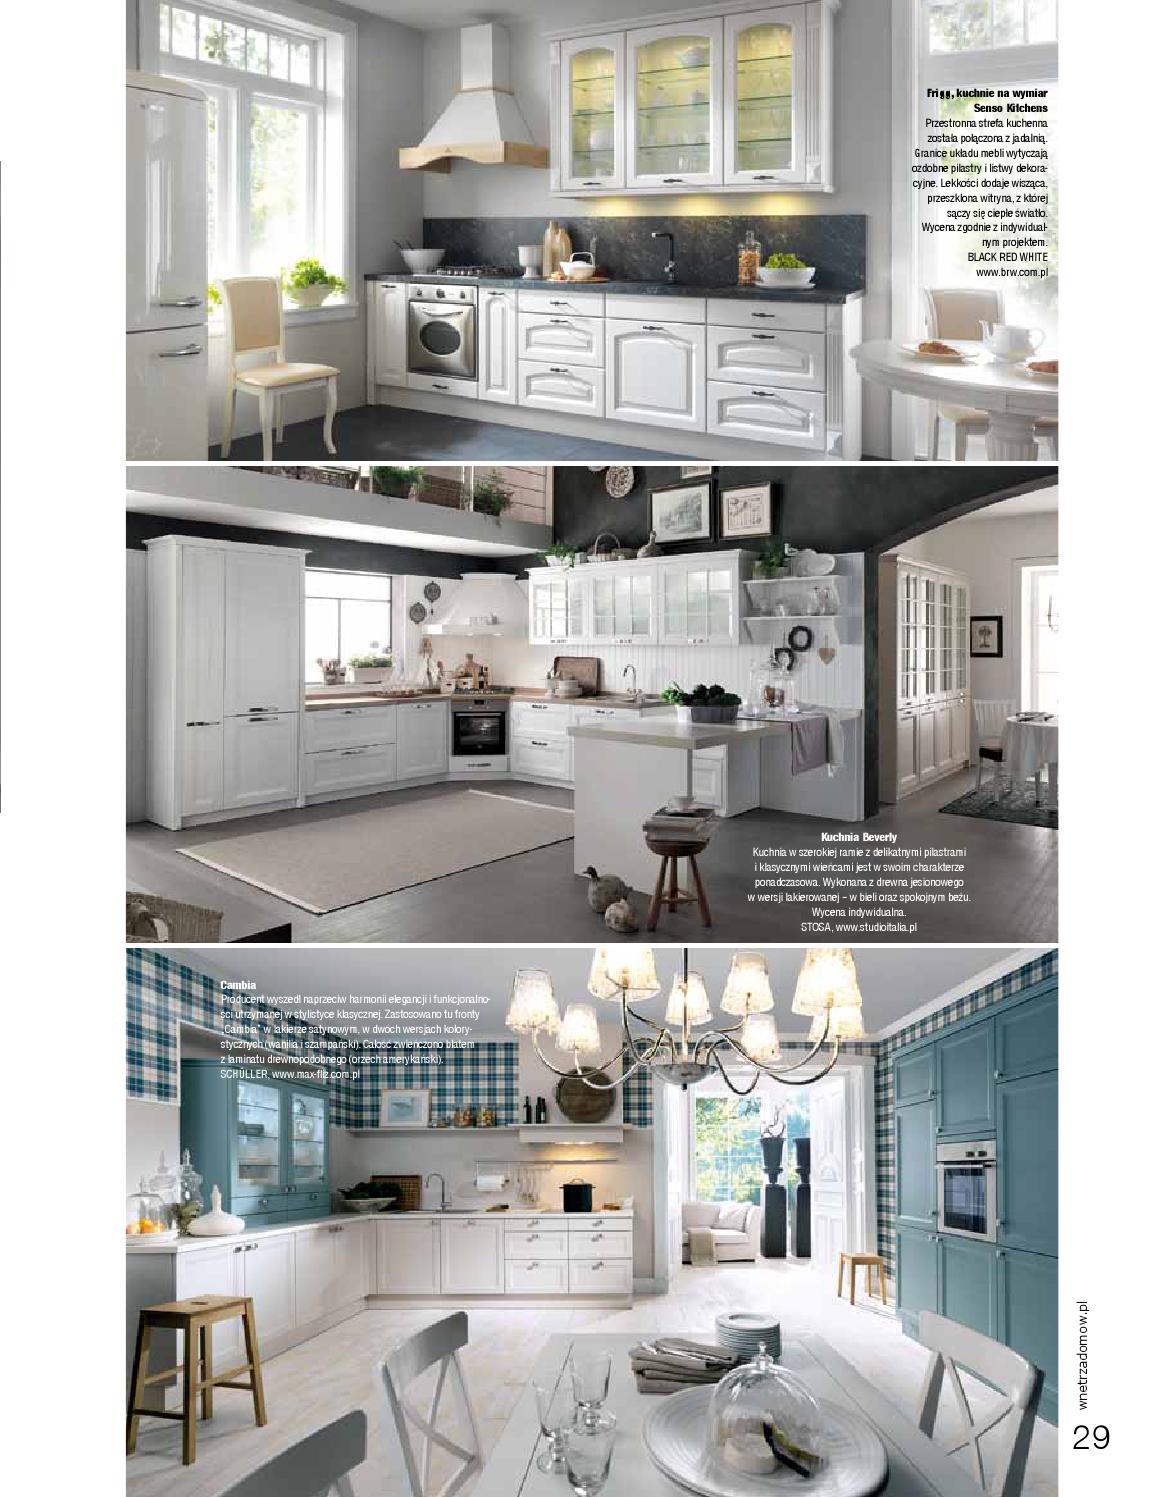 Kuchnie I łazienki 10 By Dobry Dom Issuu